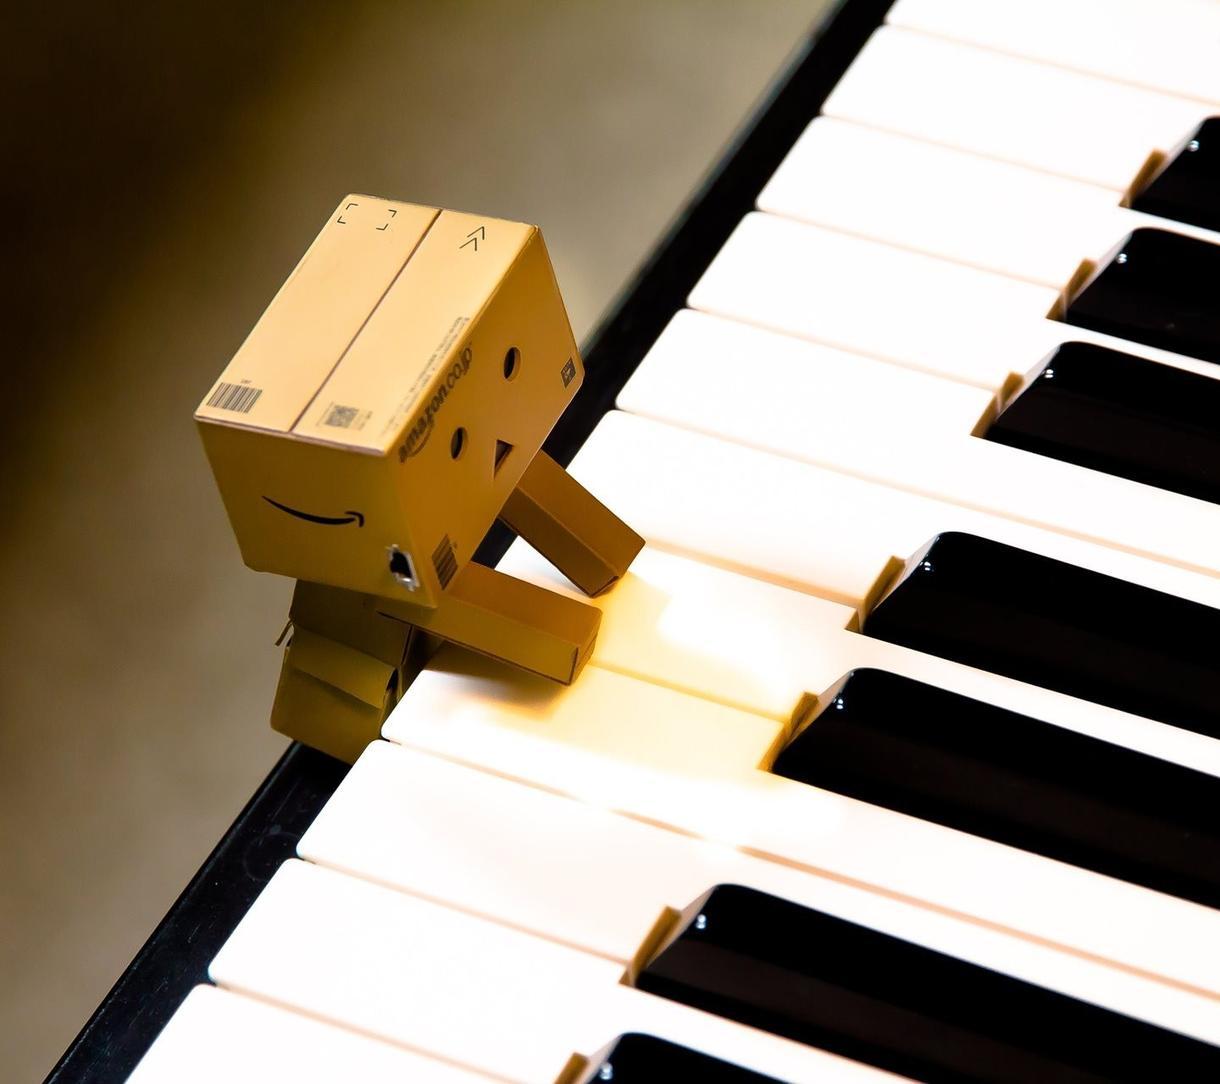 エントリー向け☆作詞作曲編曲♪いたします 【サンプル充実!】歌モノはお任せ!あなただけの感動の一曲を☆